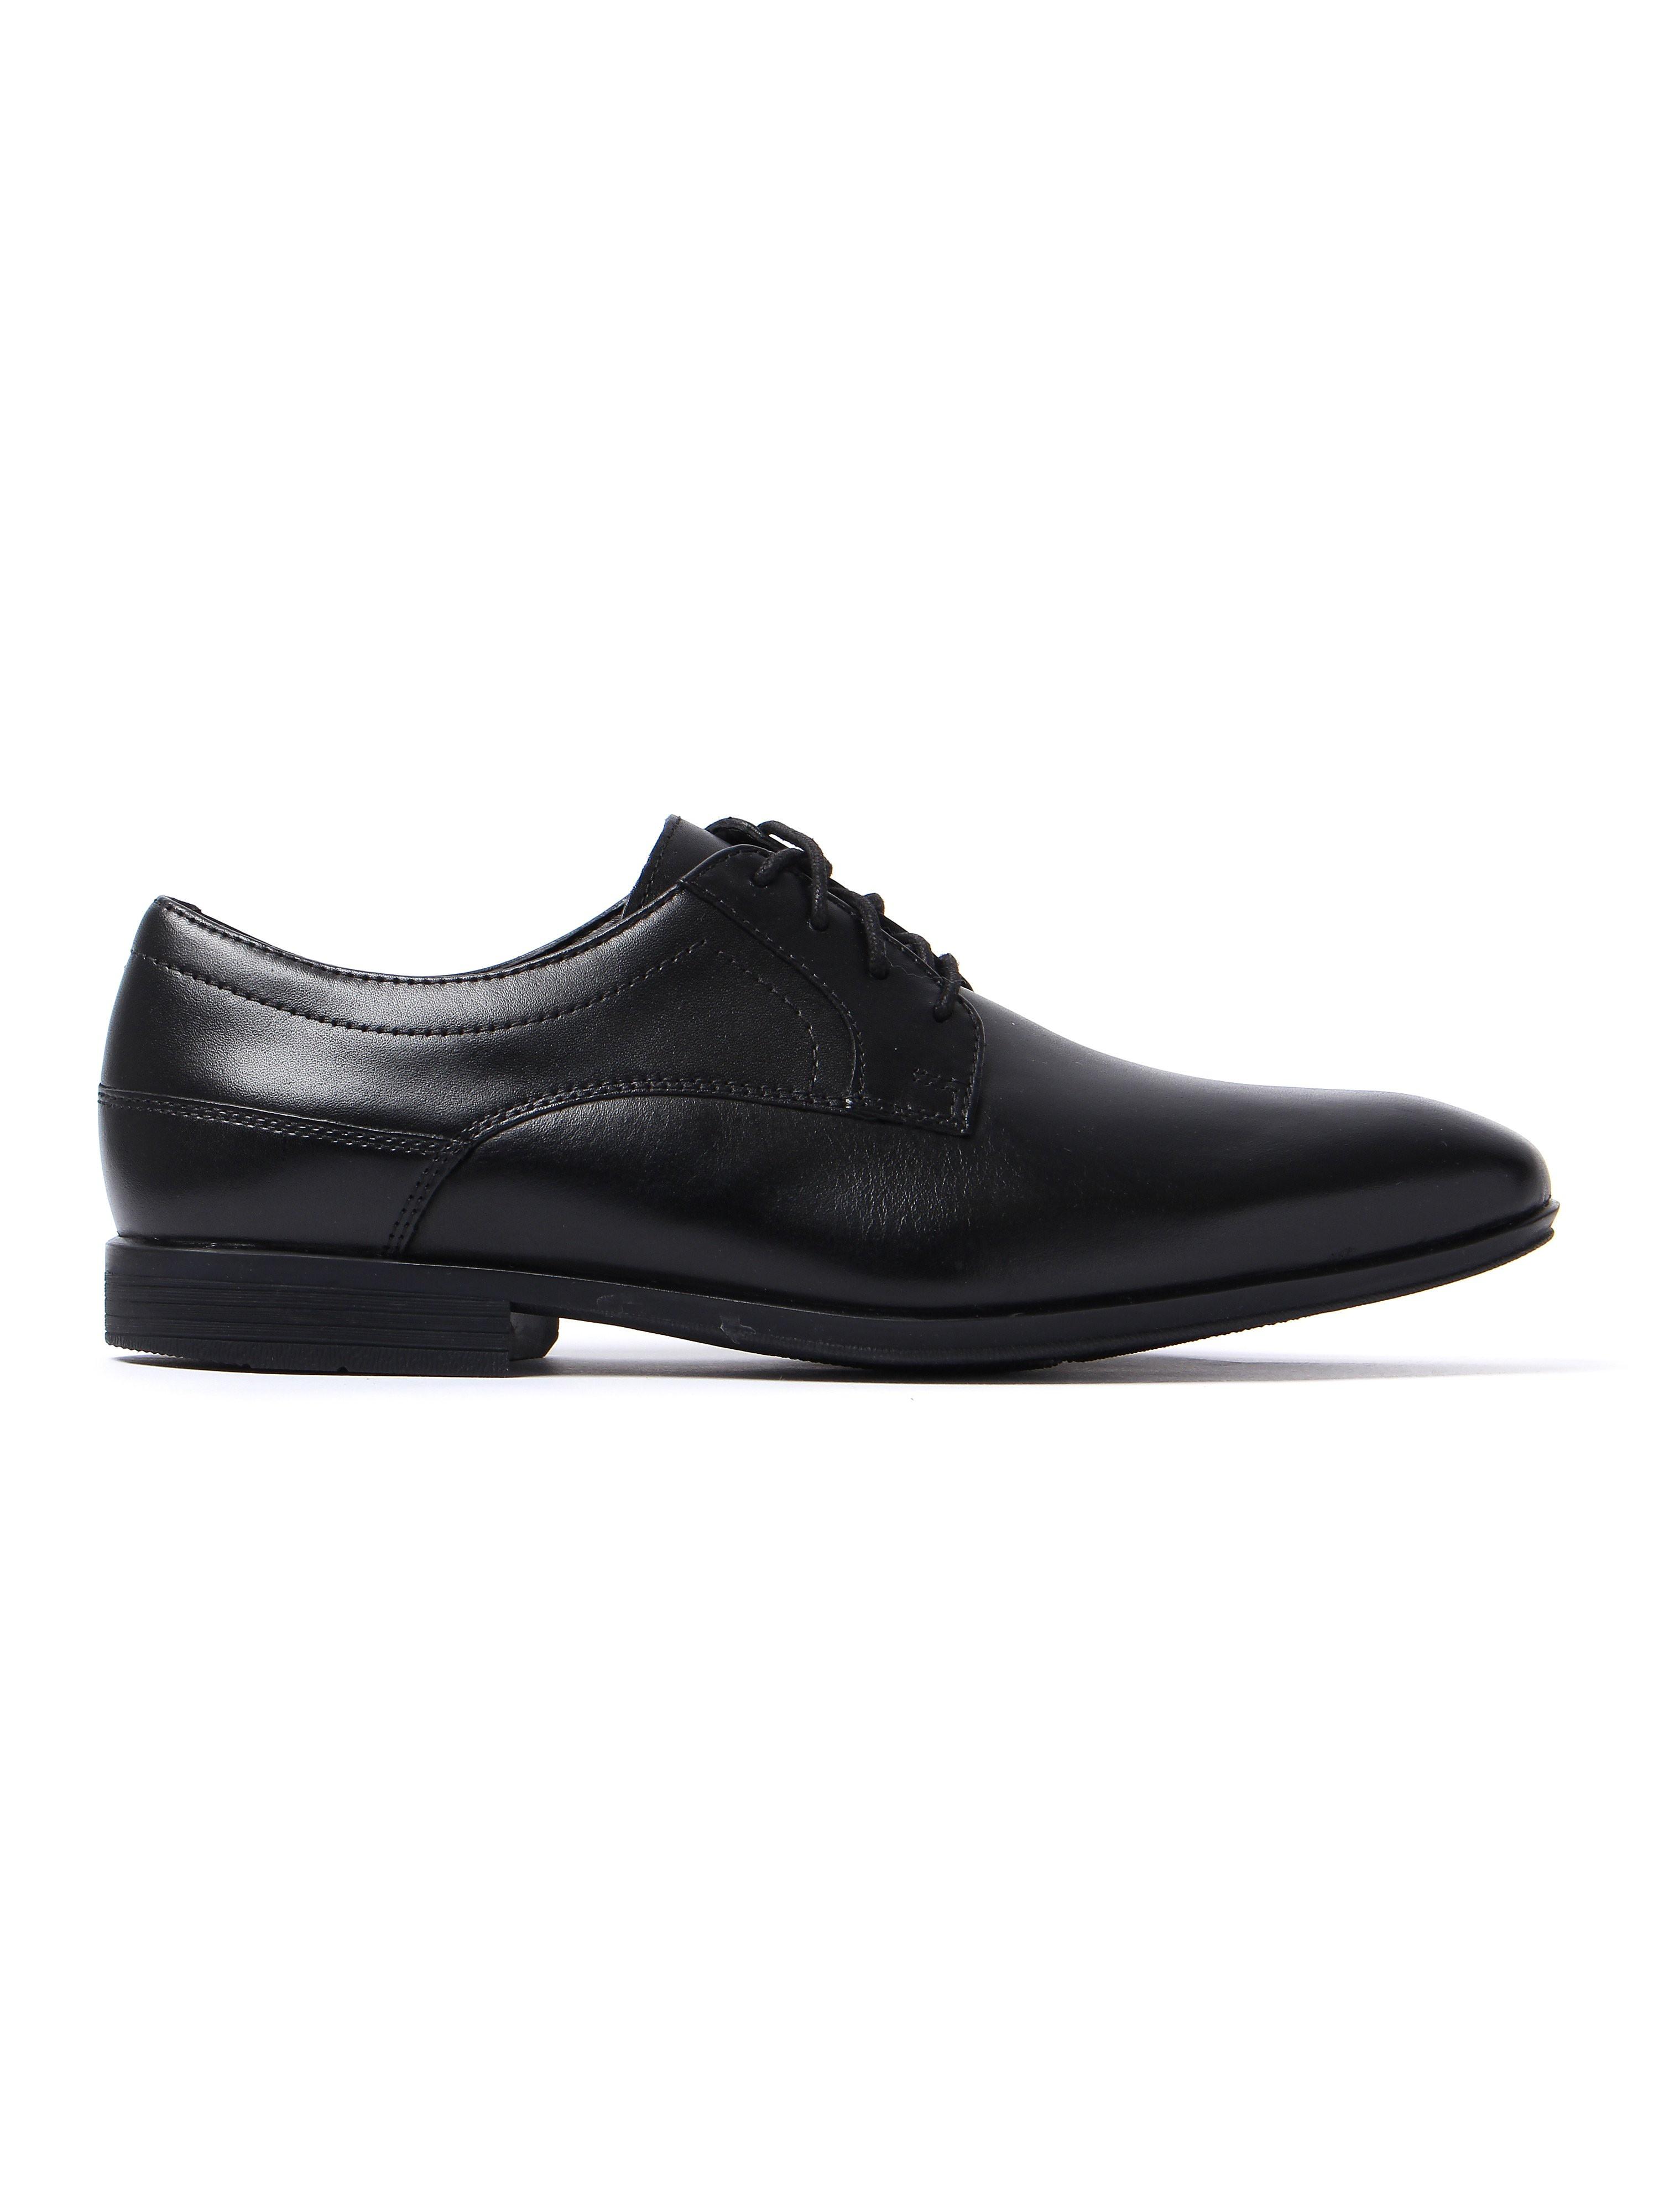 Rockport Men's Style Connected Plain Toe Derby Shoes - Black